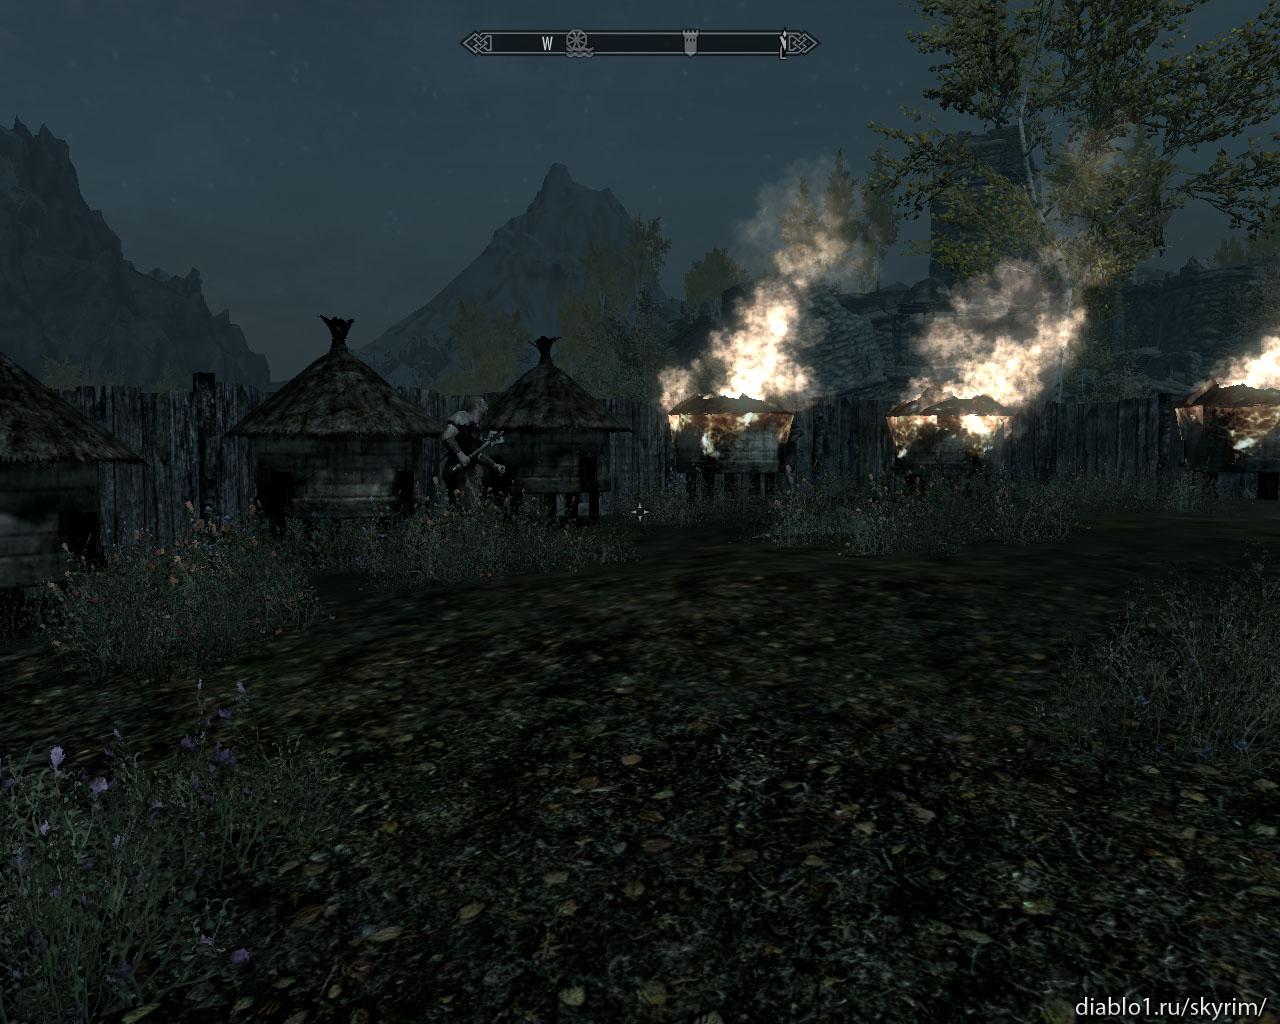 gv 20 Прохождение гильдии воров скайрим (skyrim)